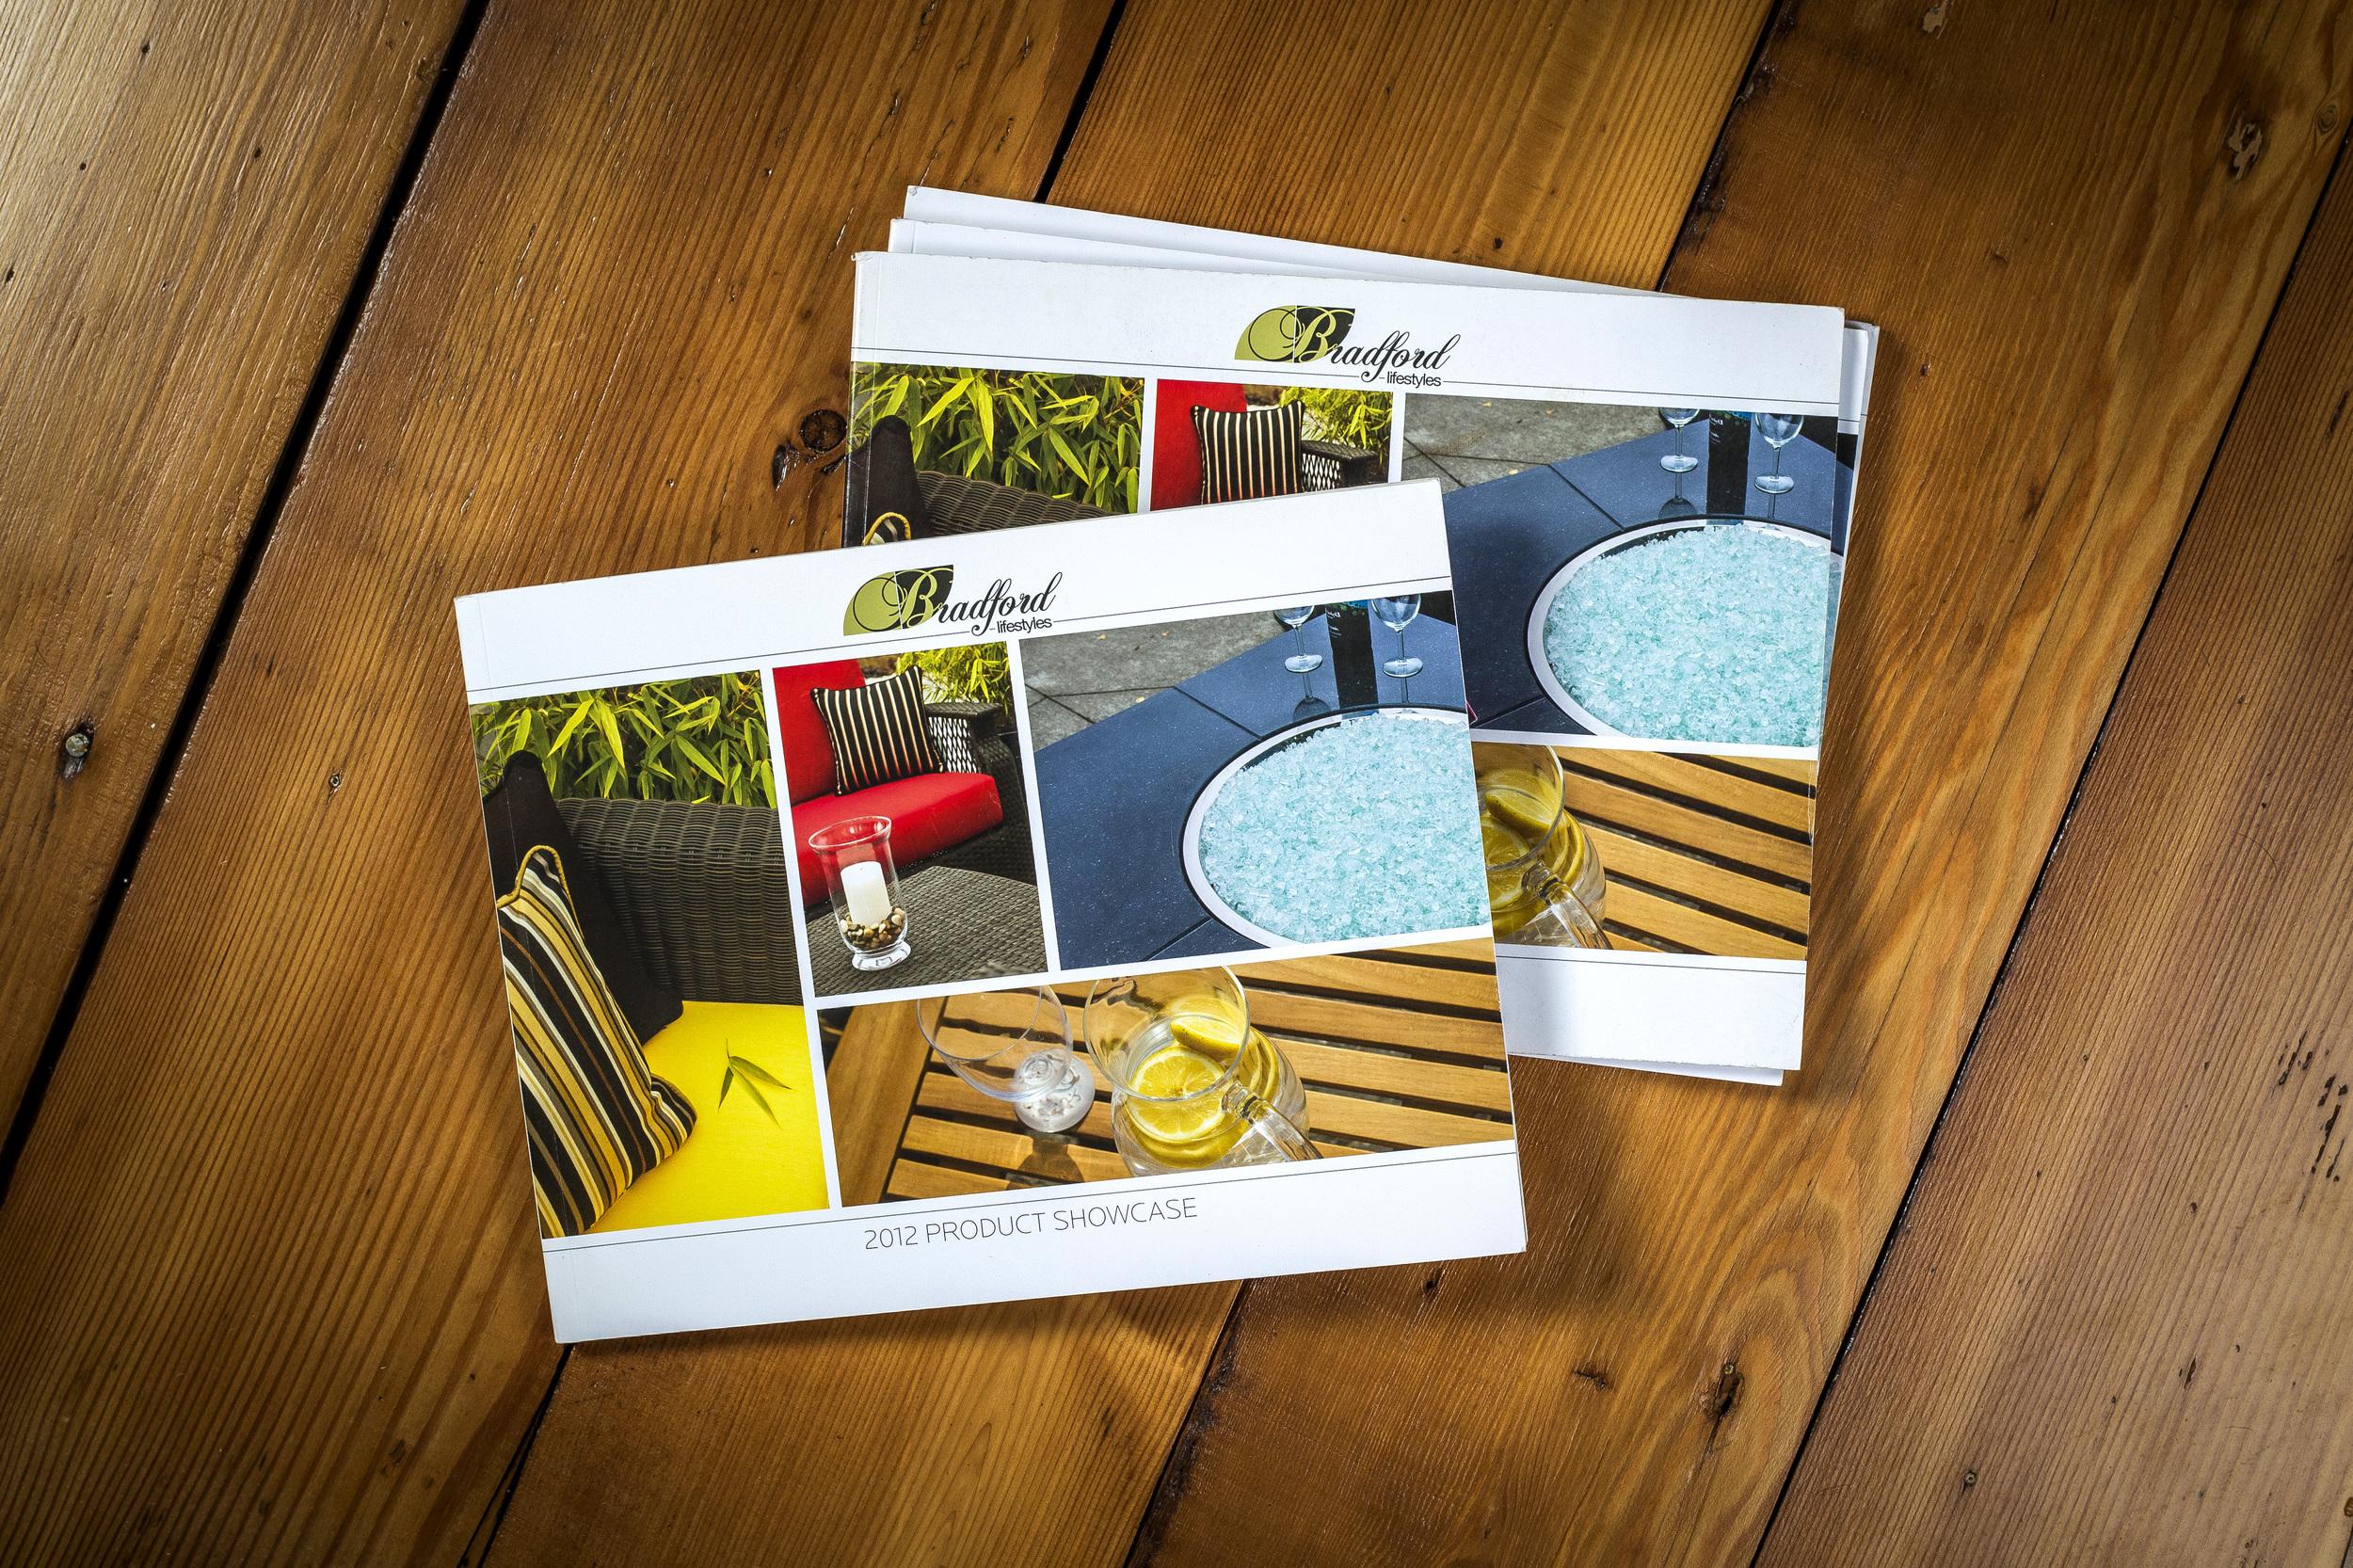 Bradford_Lifestyles_layouts_portfolio_shot_01.jpg